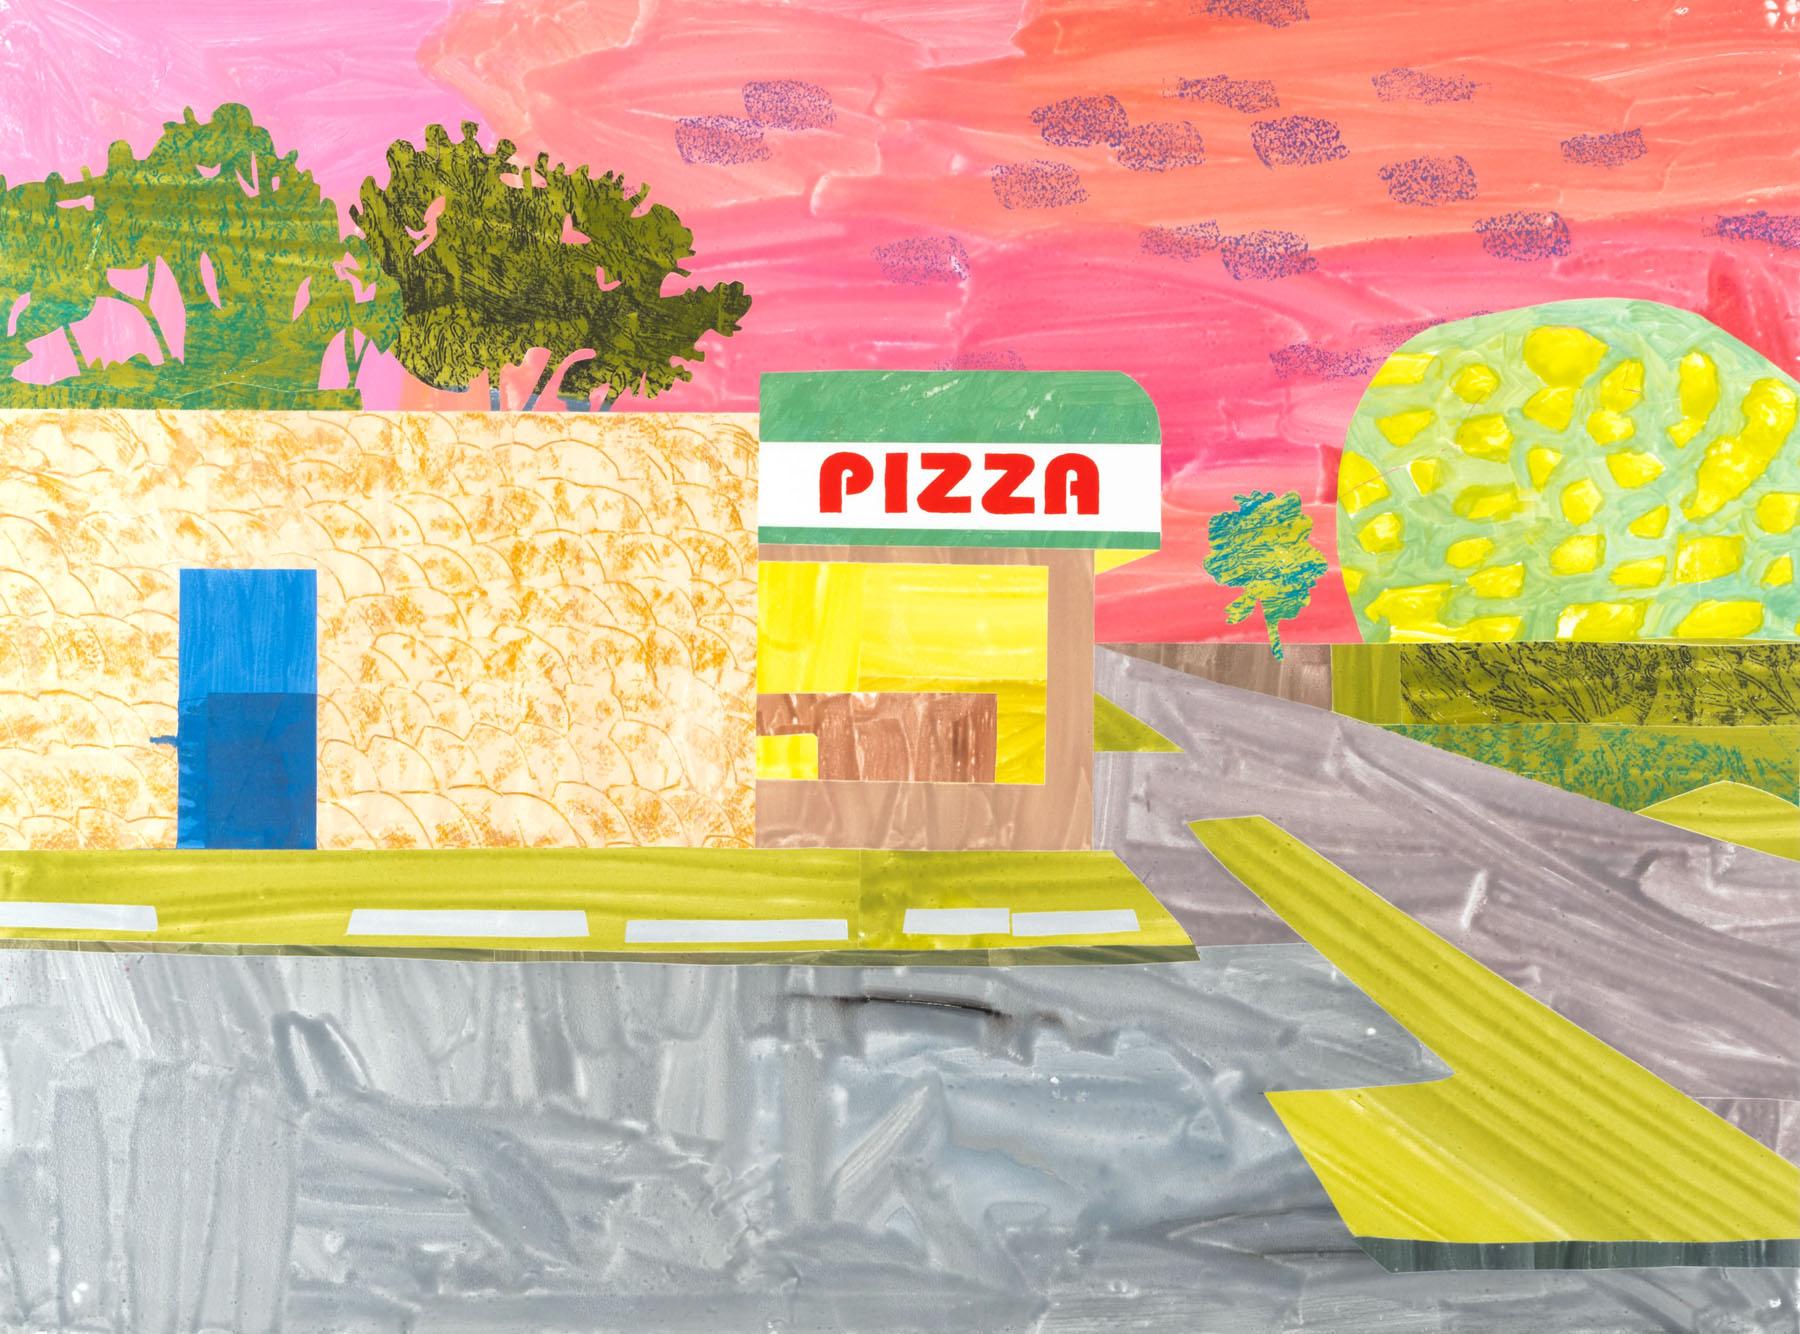 Rocco's Pizza, West St. Paul